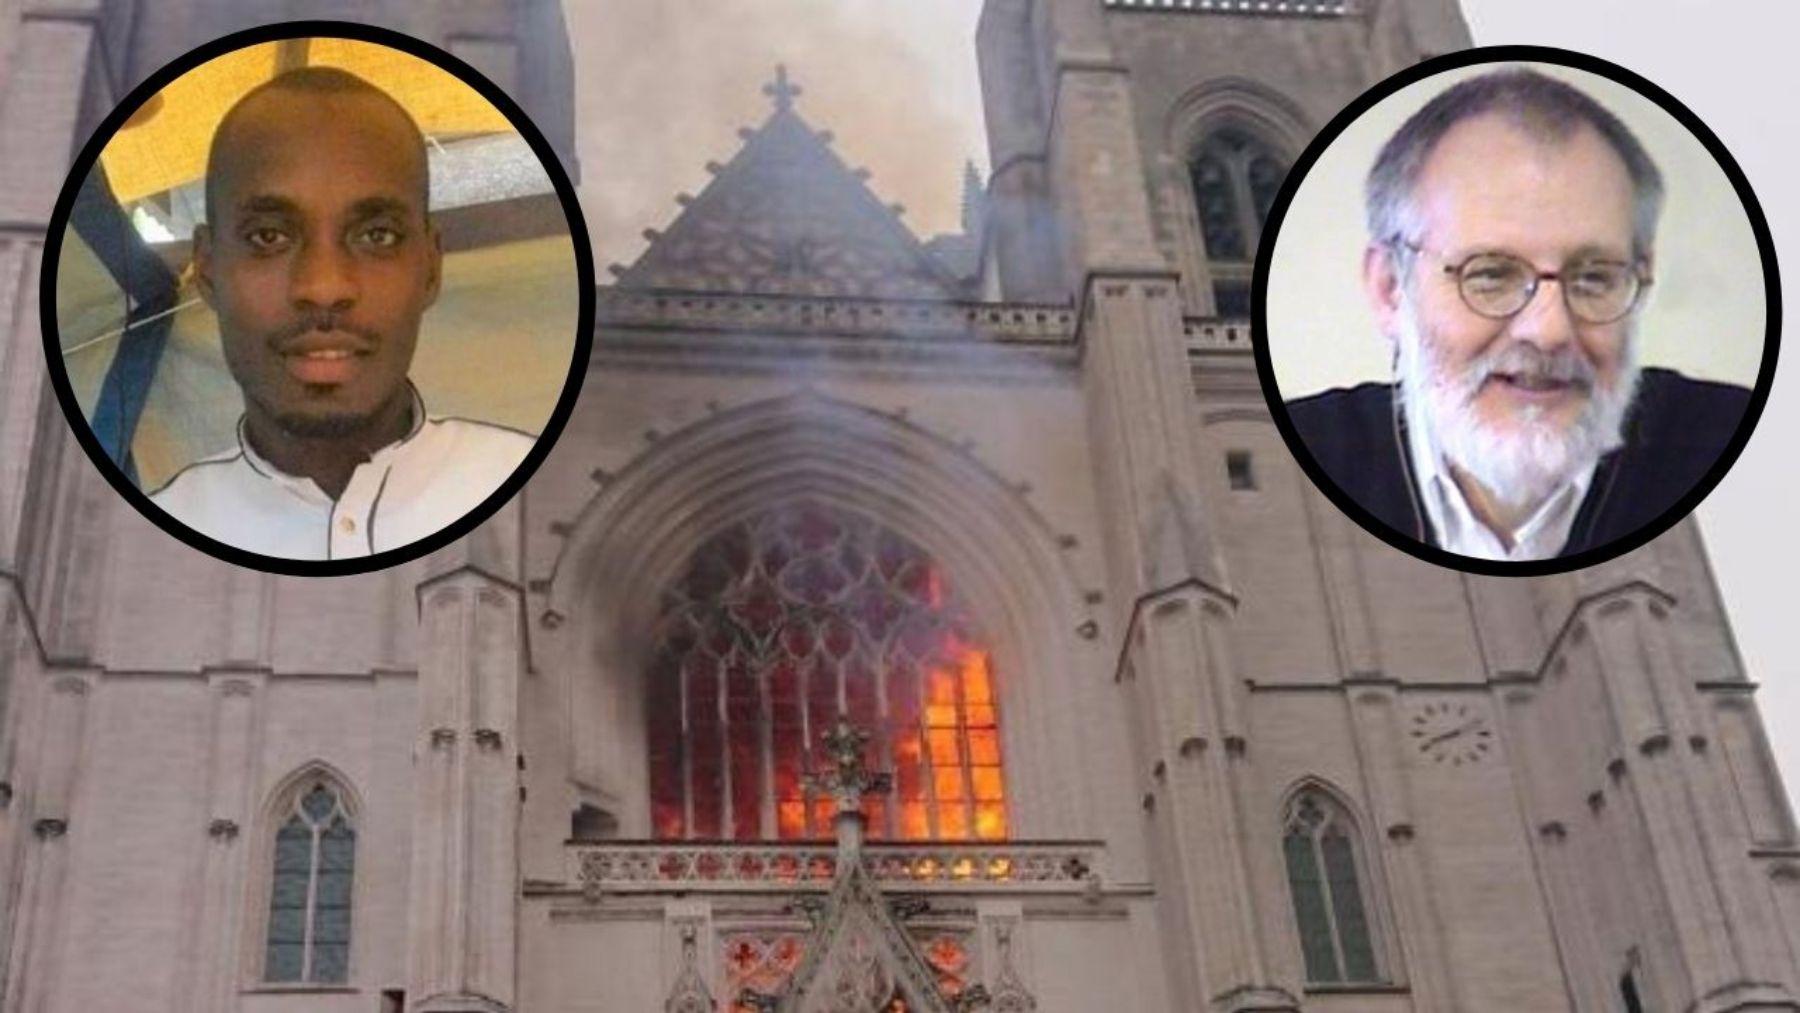 El incendiario de la catedral de Nantes y el cura asesinado.